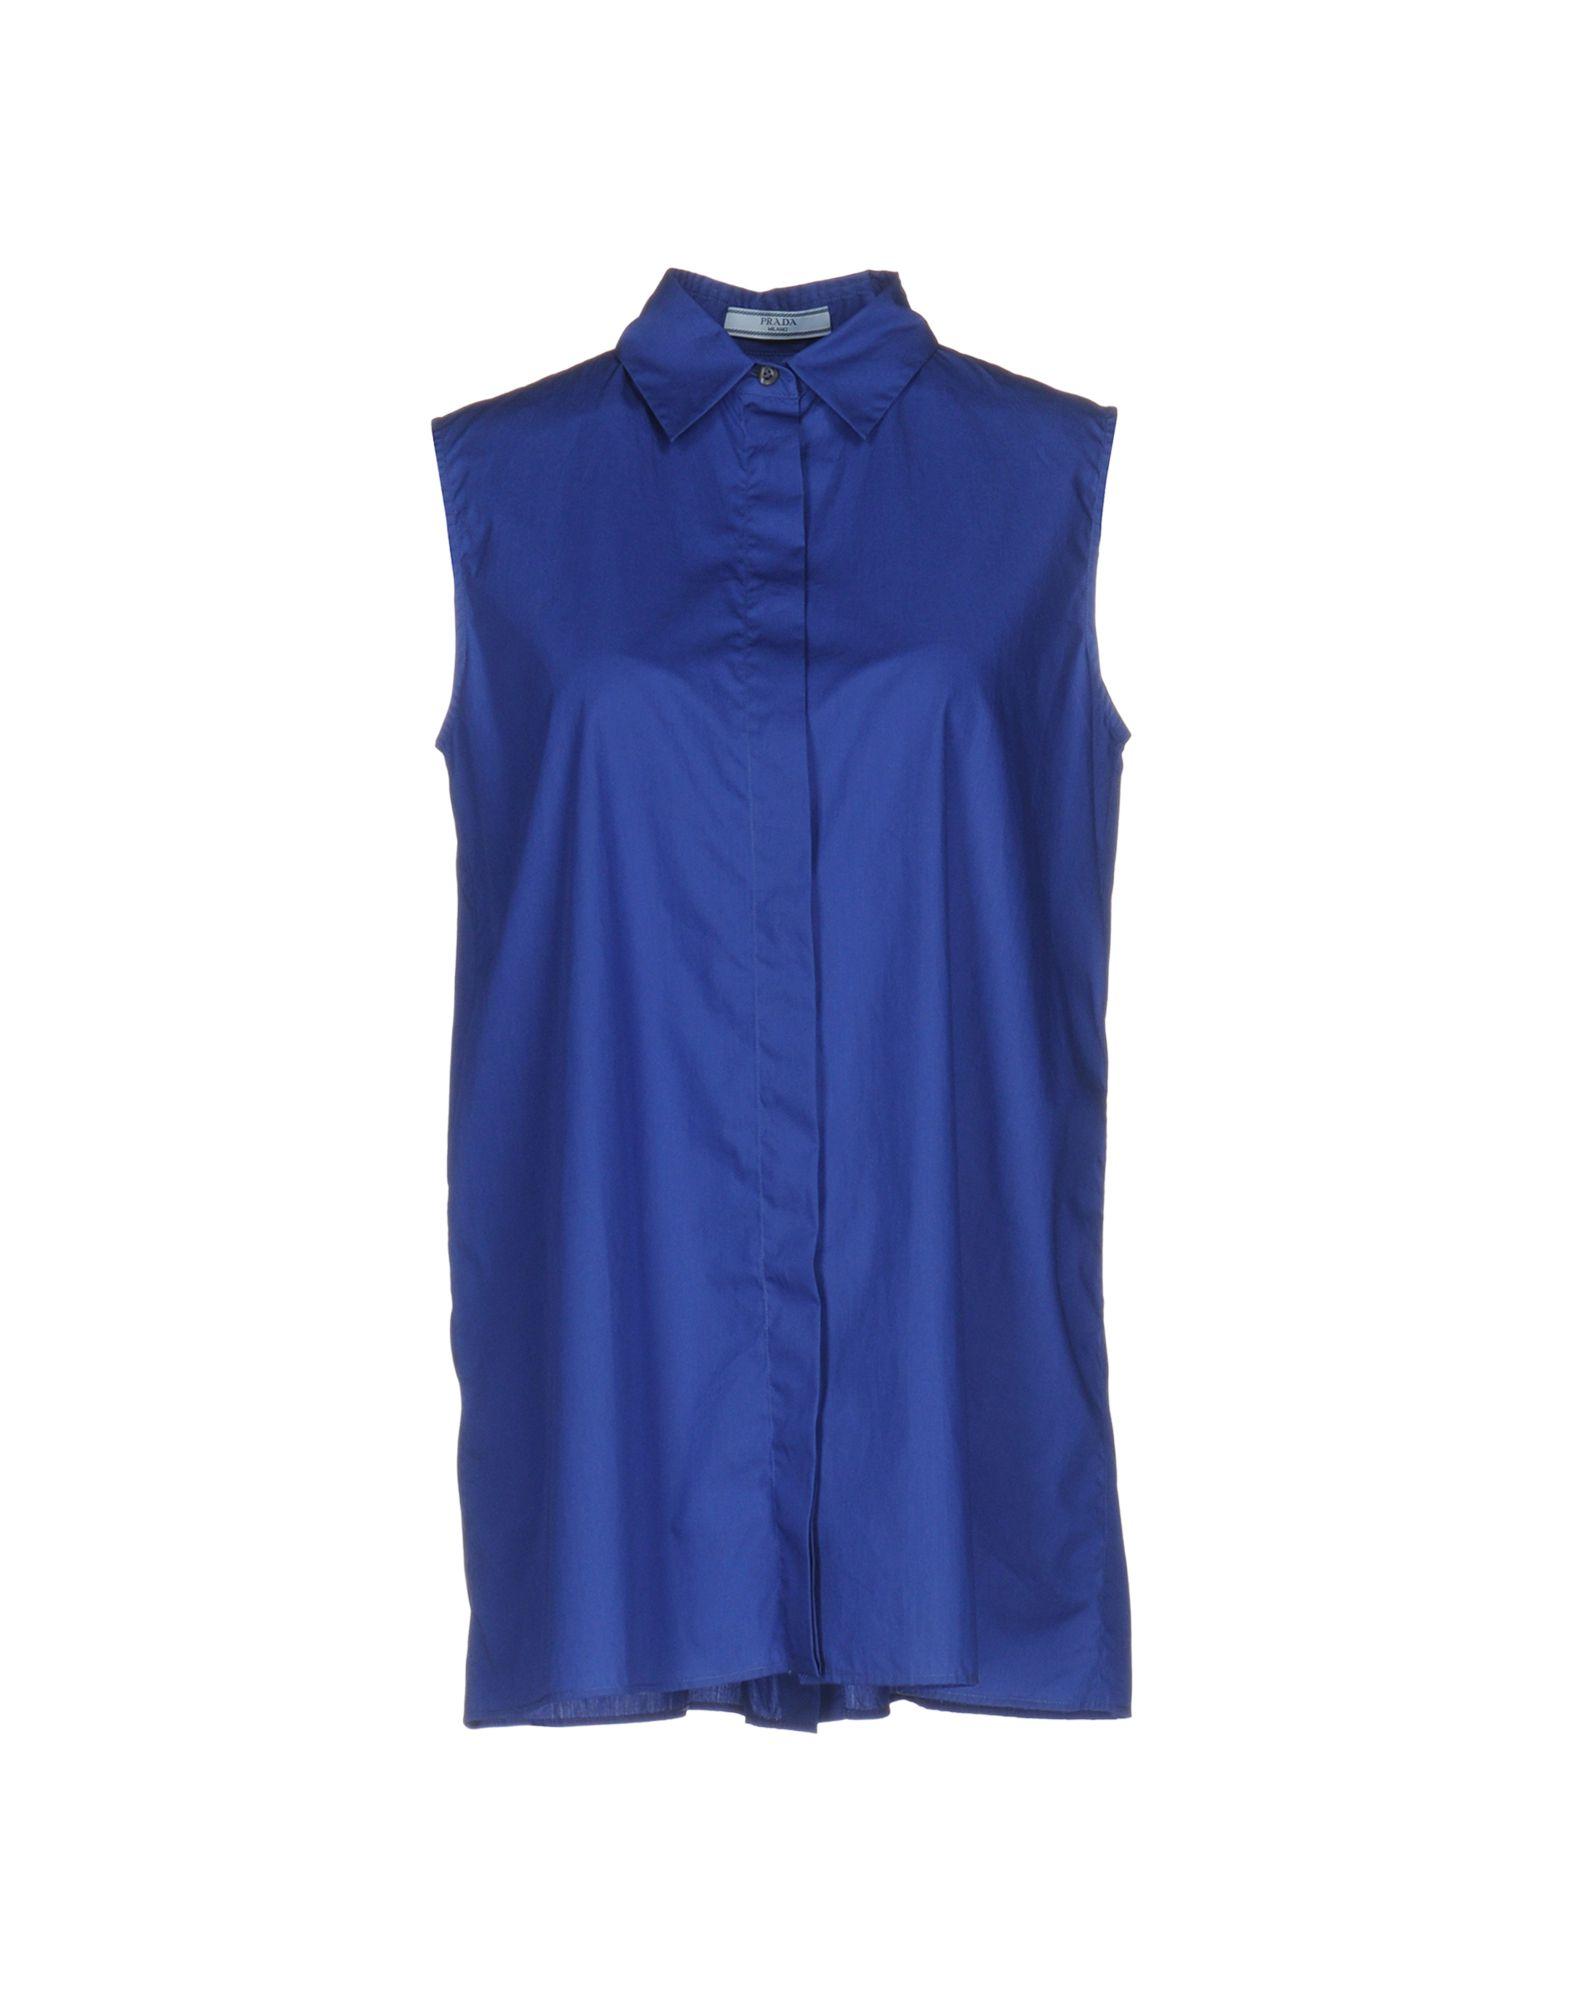 PRADA Damen Hemd Farbe Blau Größe 3